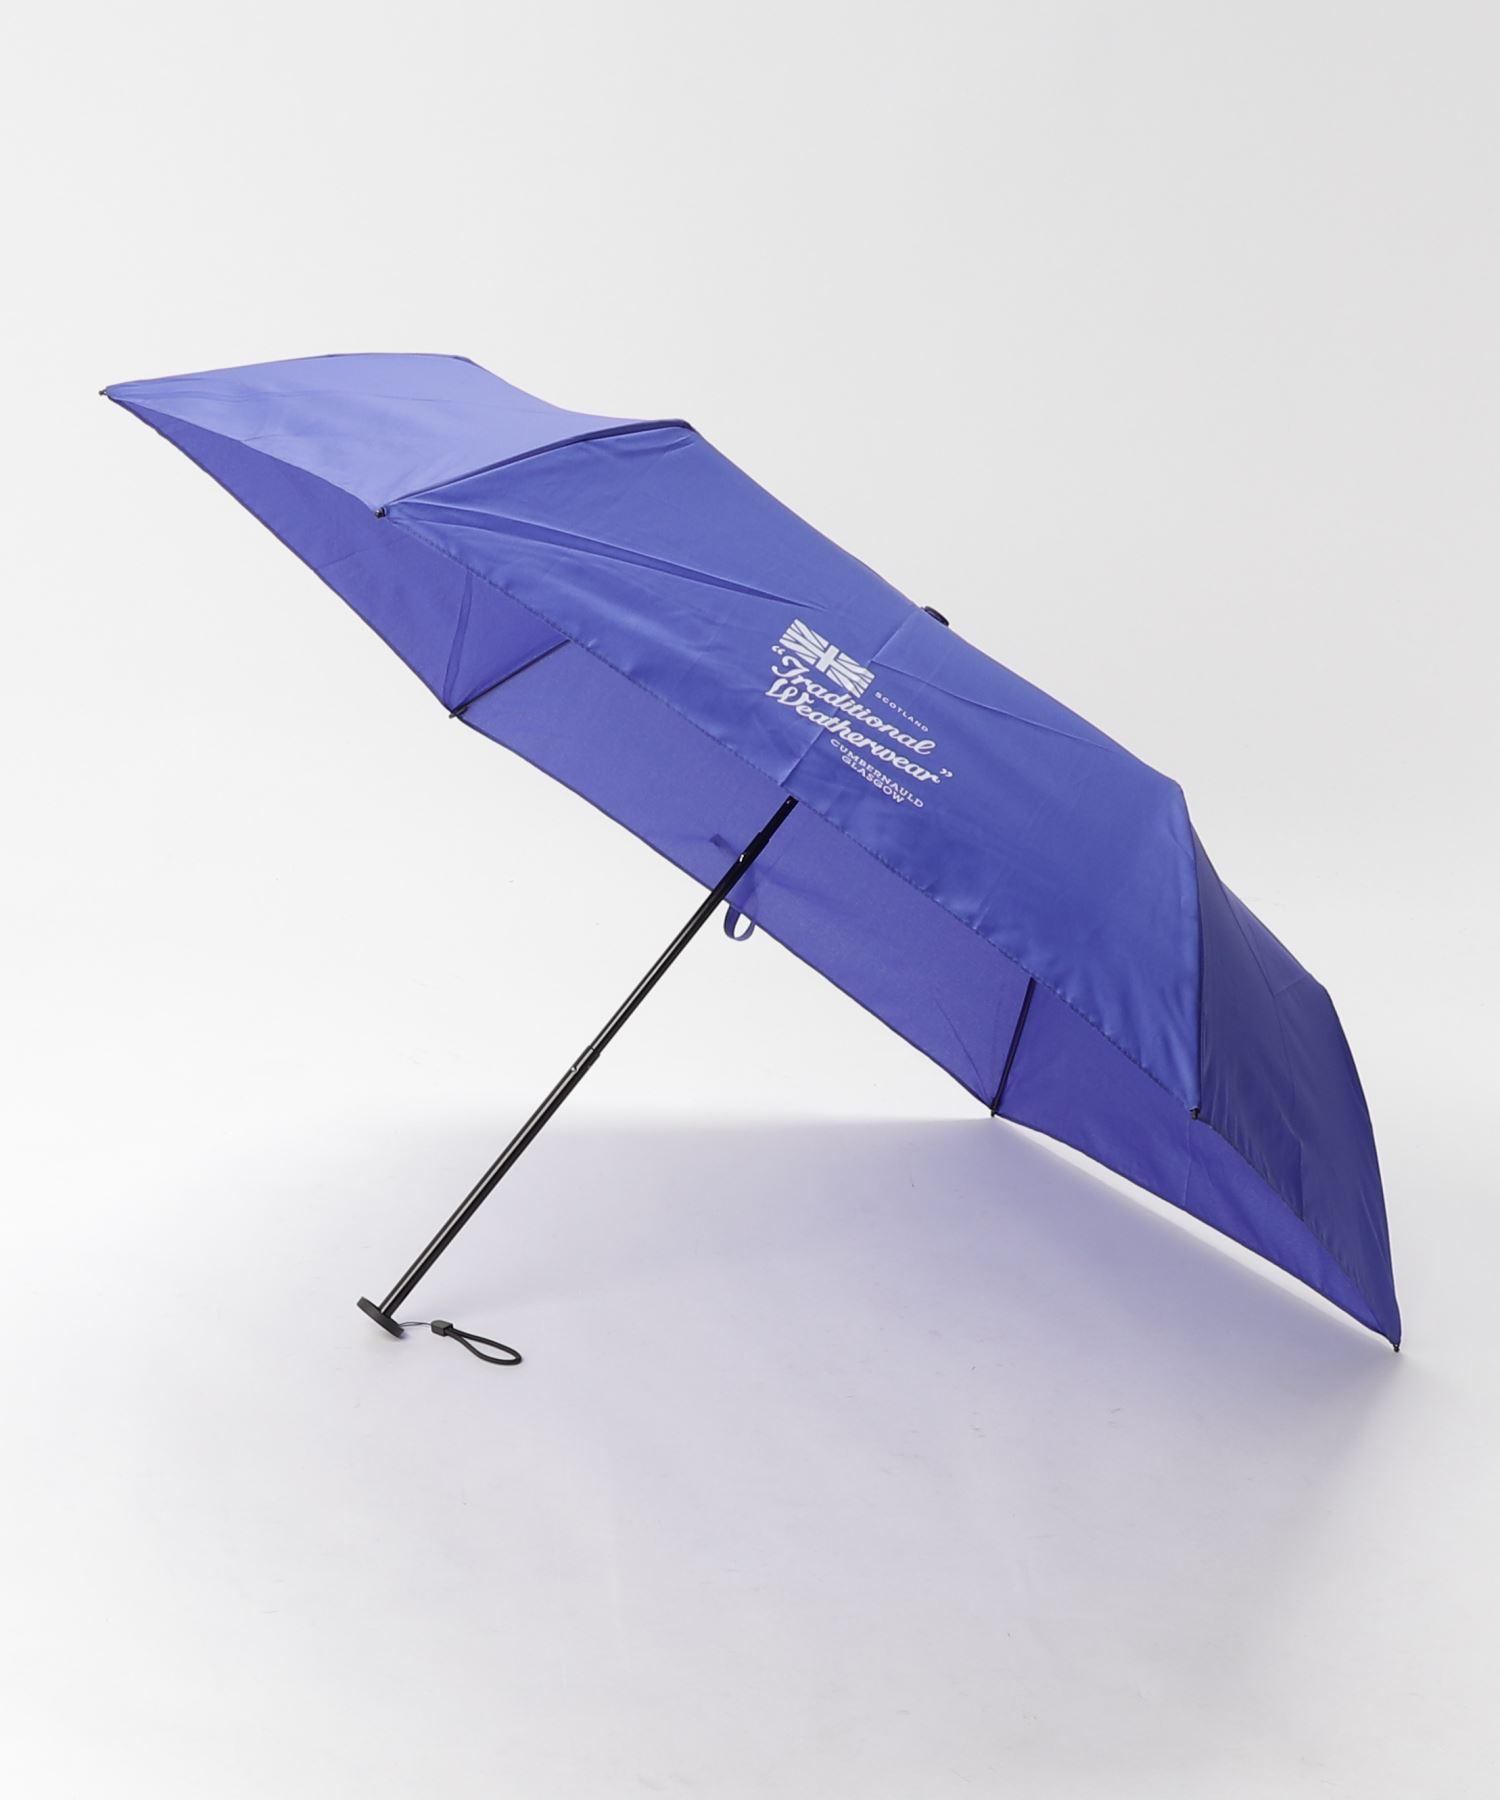 トラディショナル ウェザーウェア Traditional Weatherwear / ライトウェイト アンブレラ LIGHT WEIGHT UMBRELLA